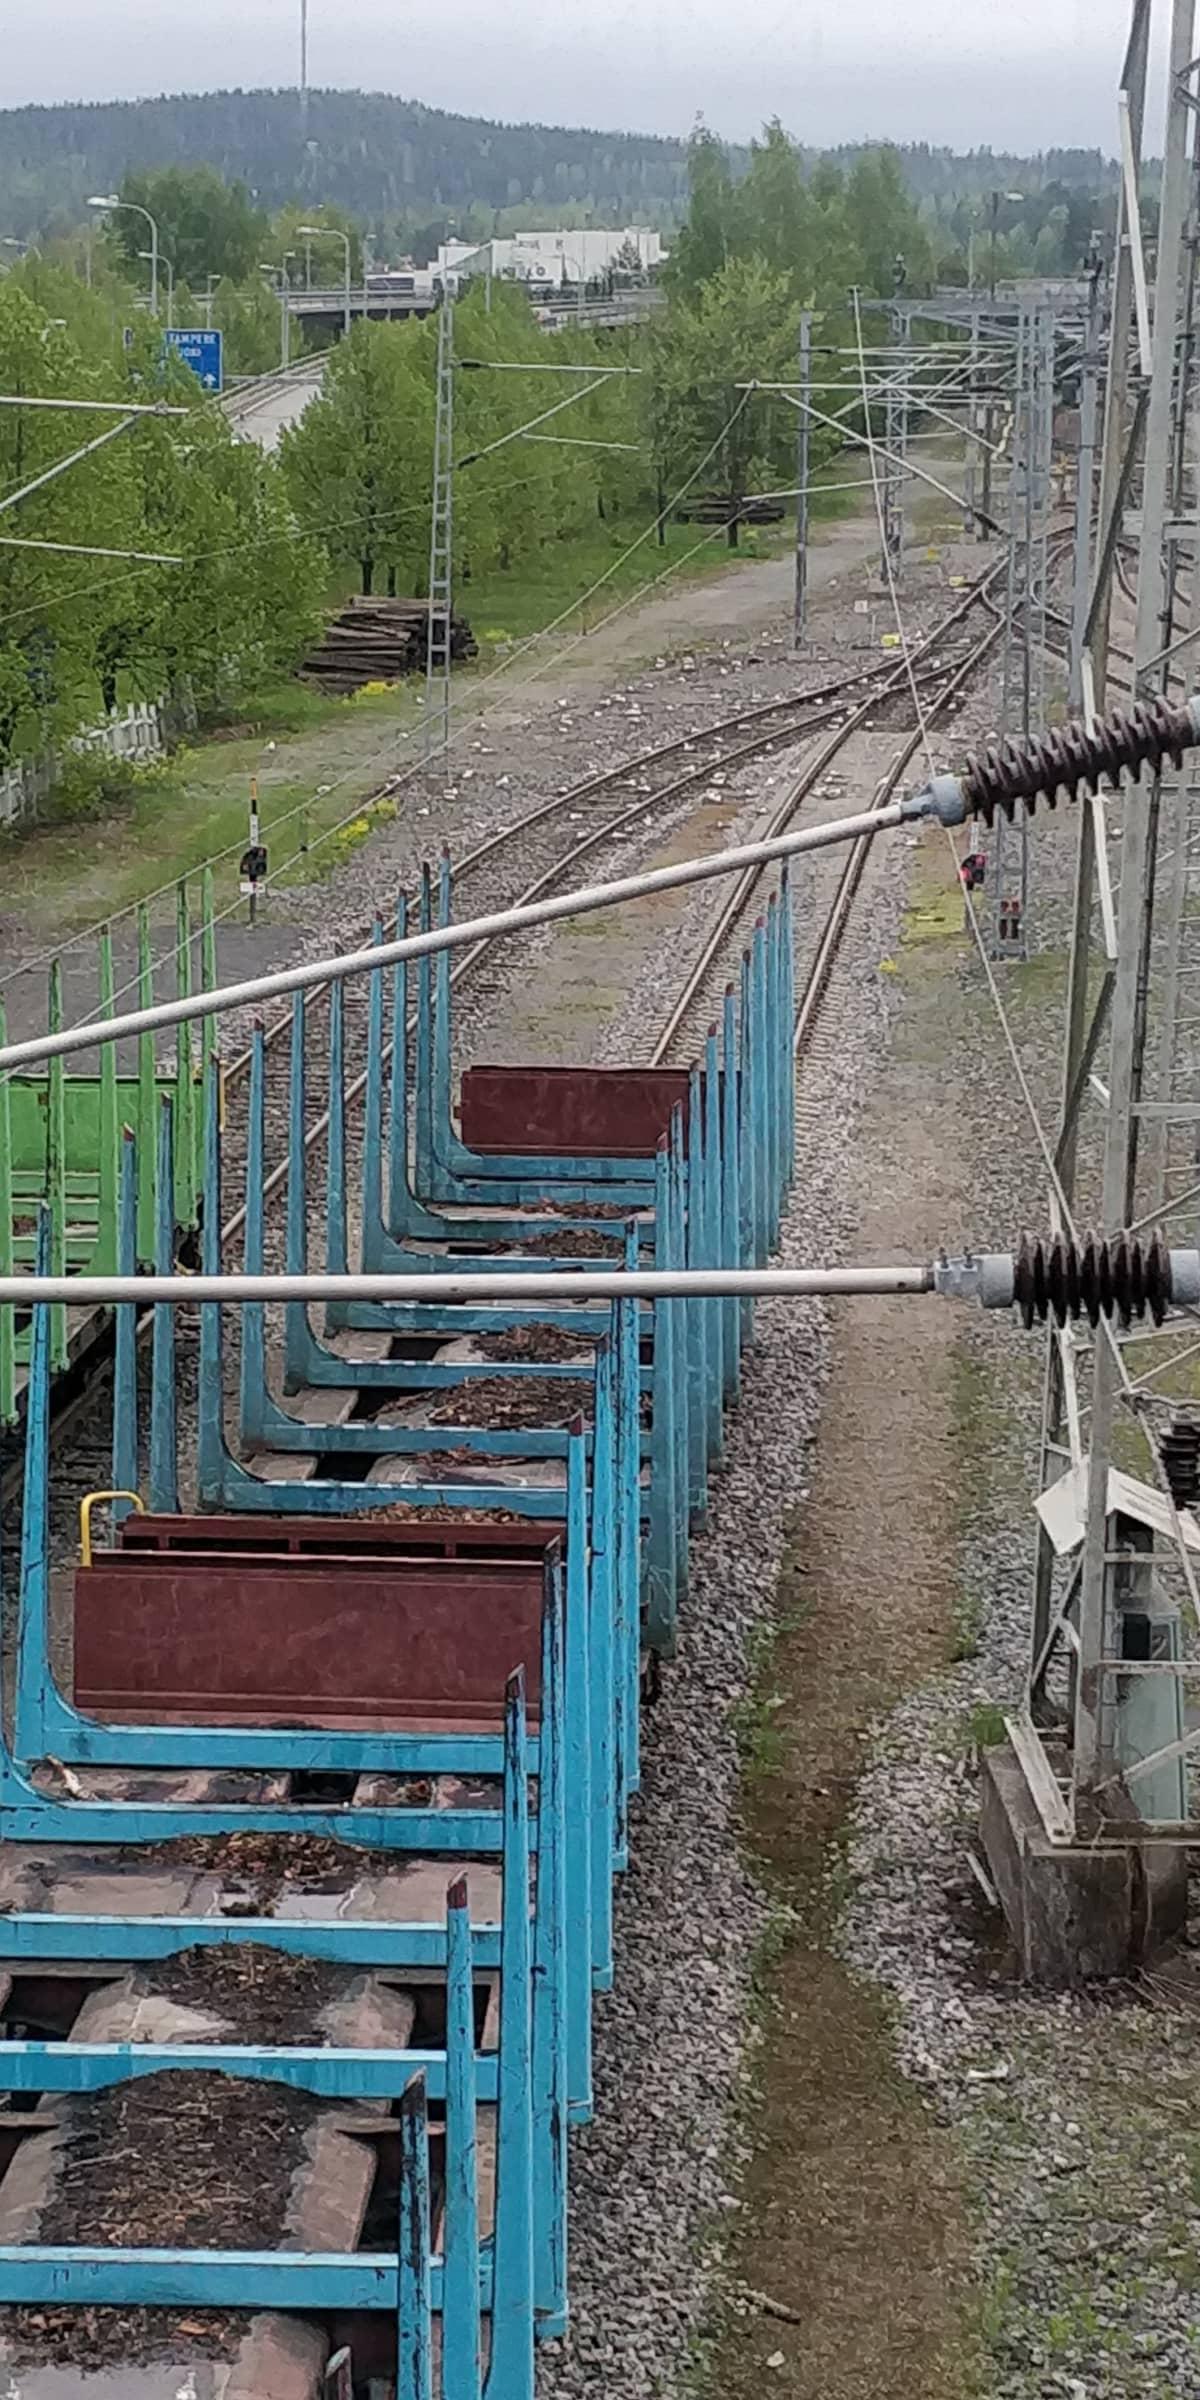 Tyhjiä junavaunuja väistöraiteella Jyväskylän ratapihalla.